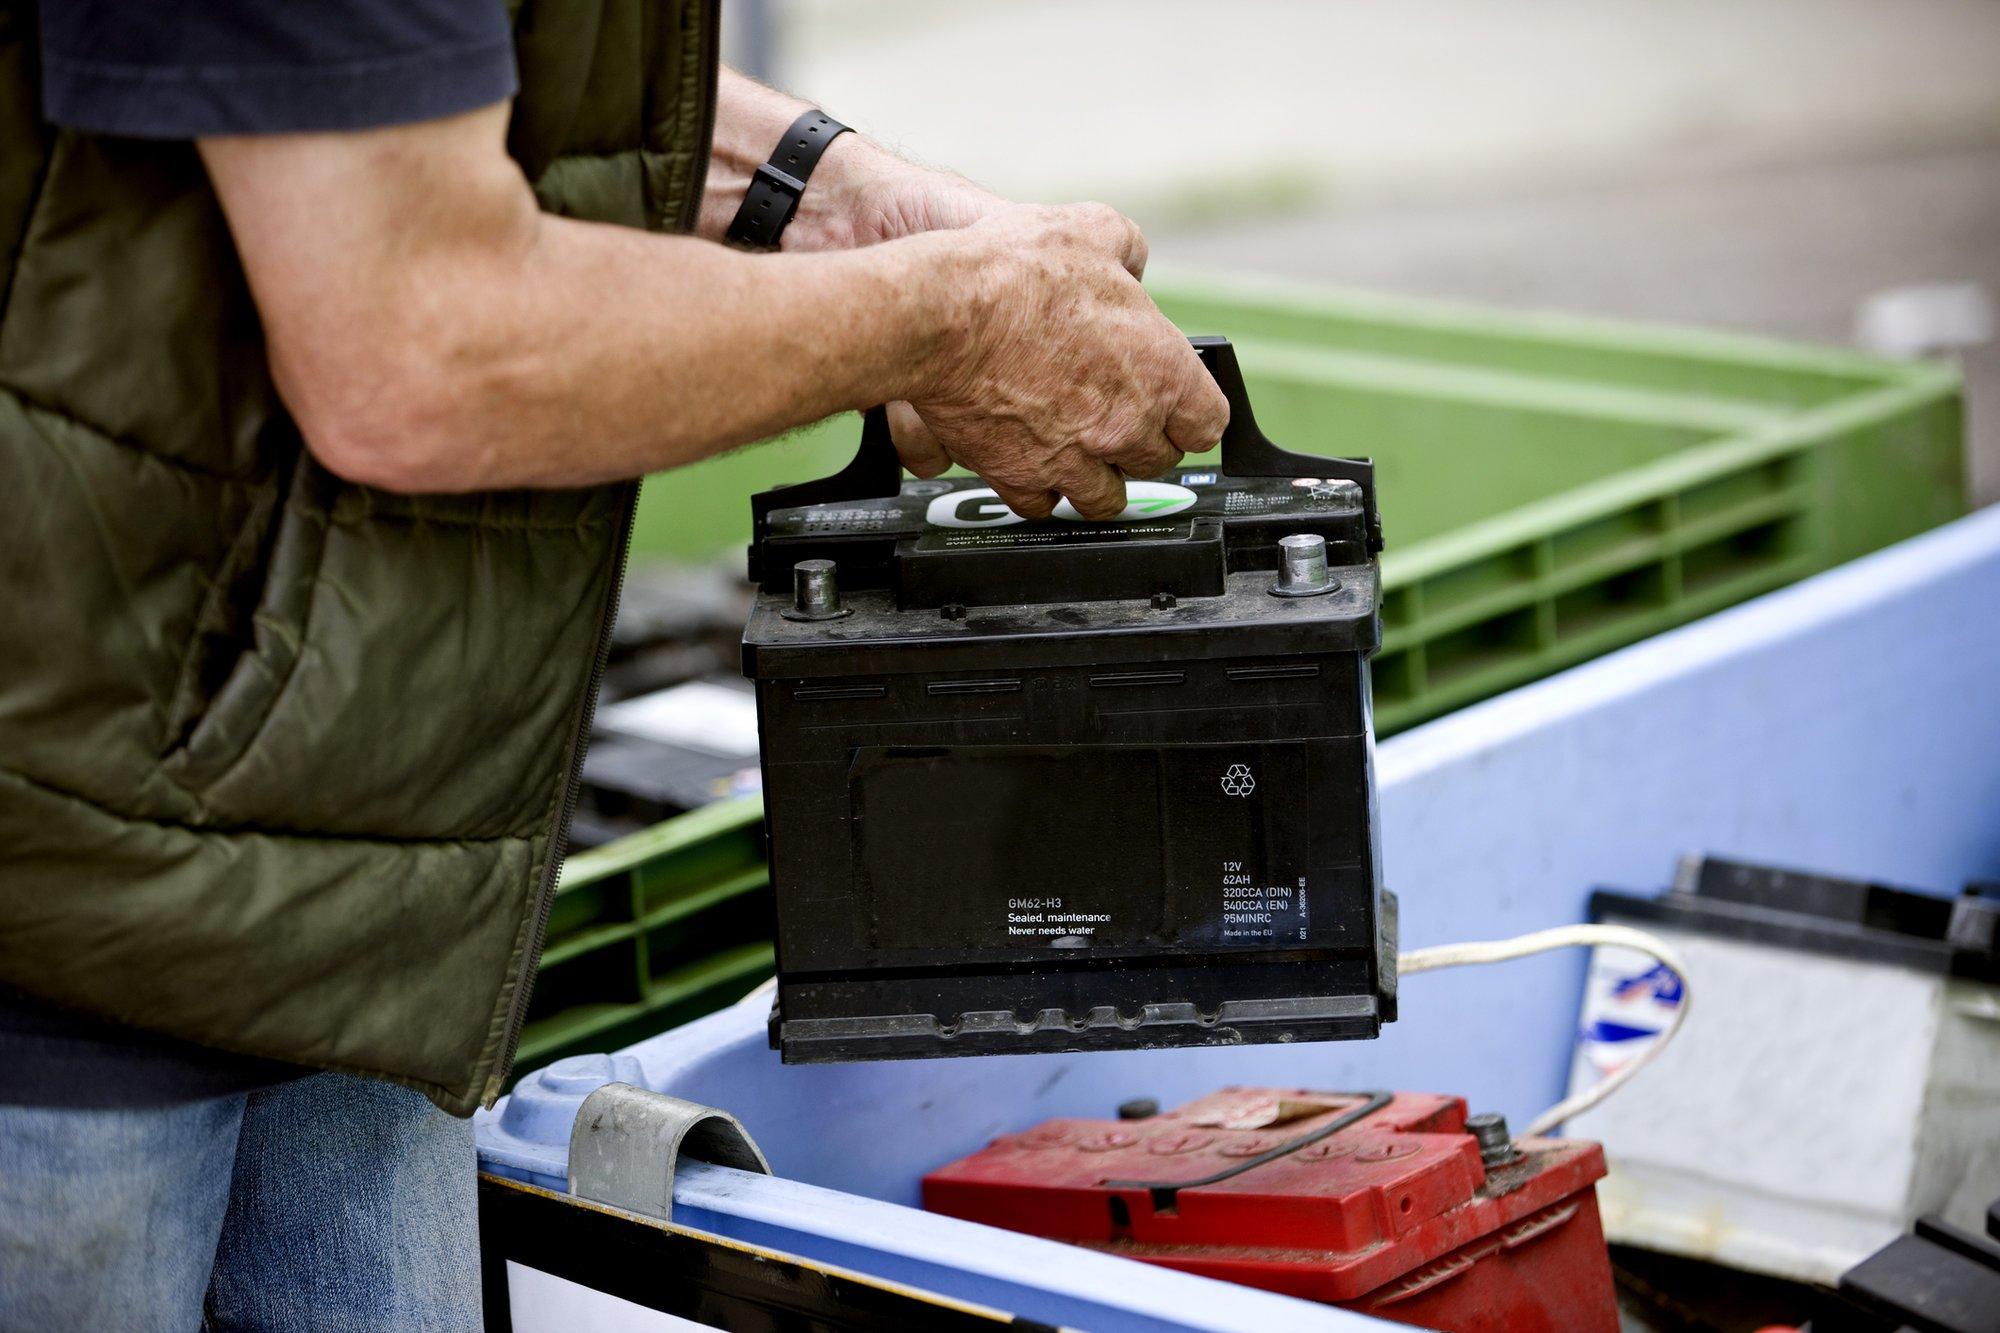 Утилизация аккумуляторов. Процесс и этапы